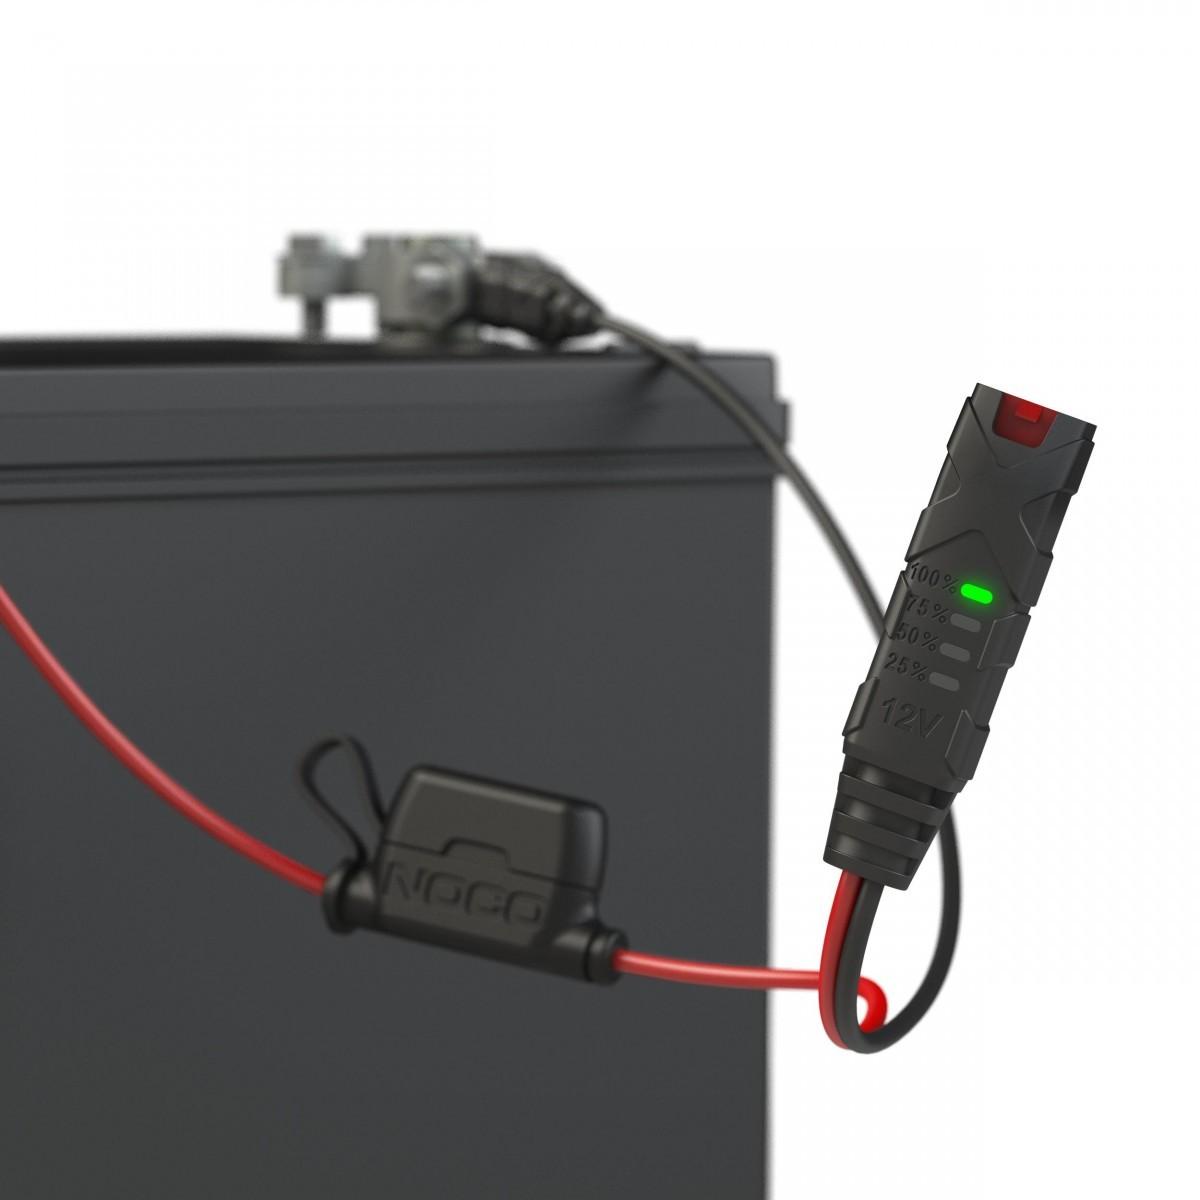 Индикатор уровня заряда АКБ X-Connect Eyelet NOCO GC015